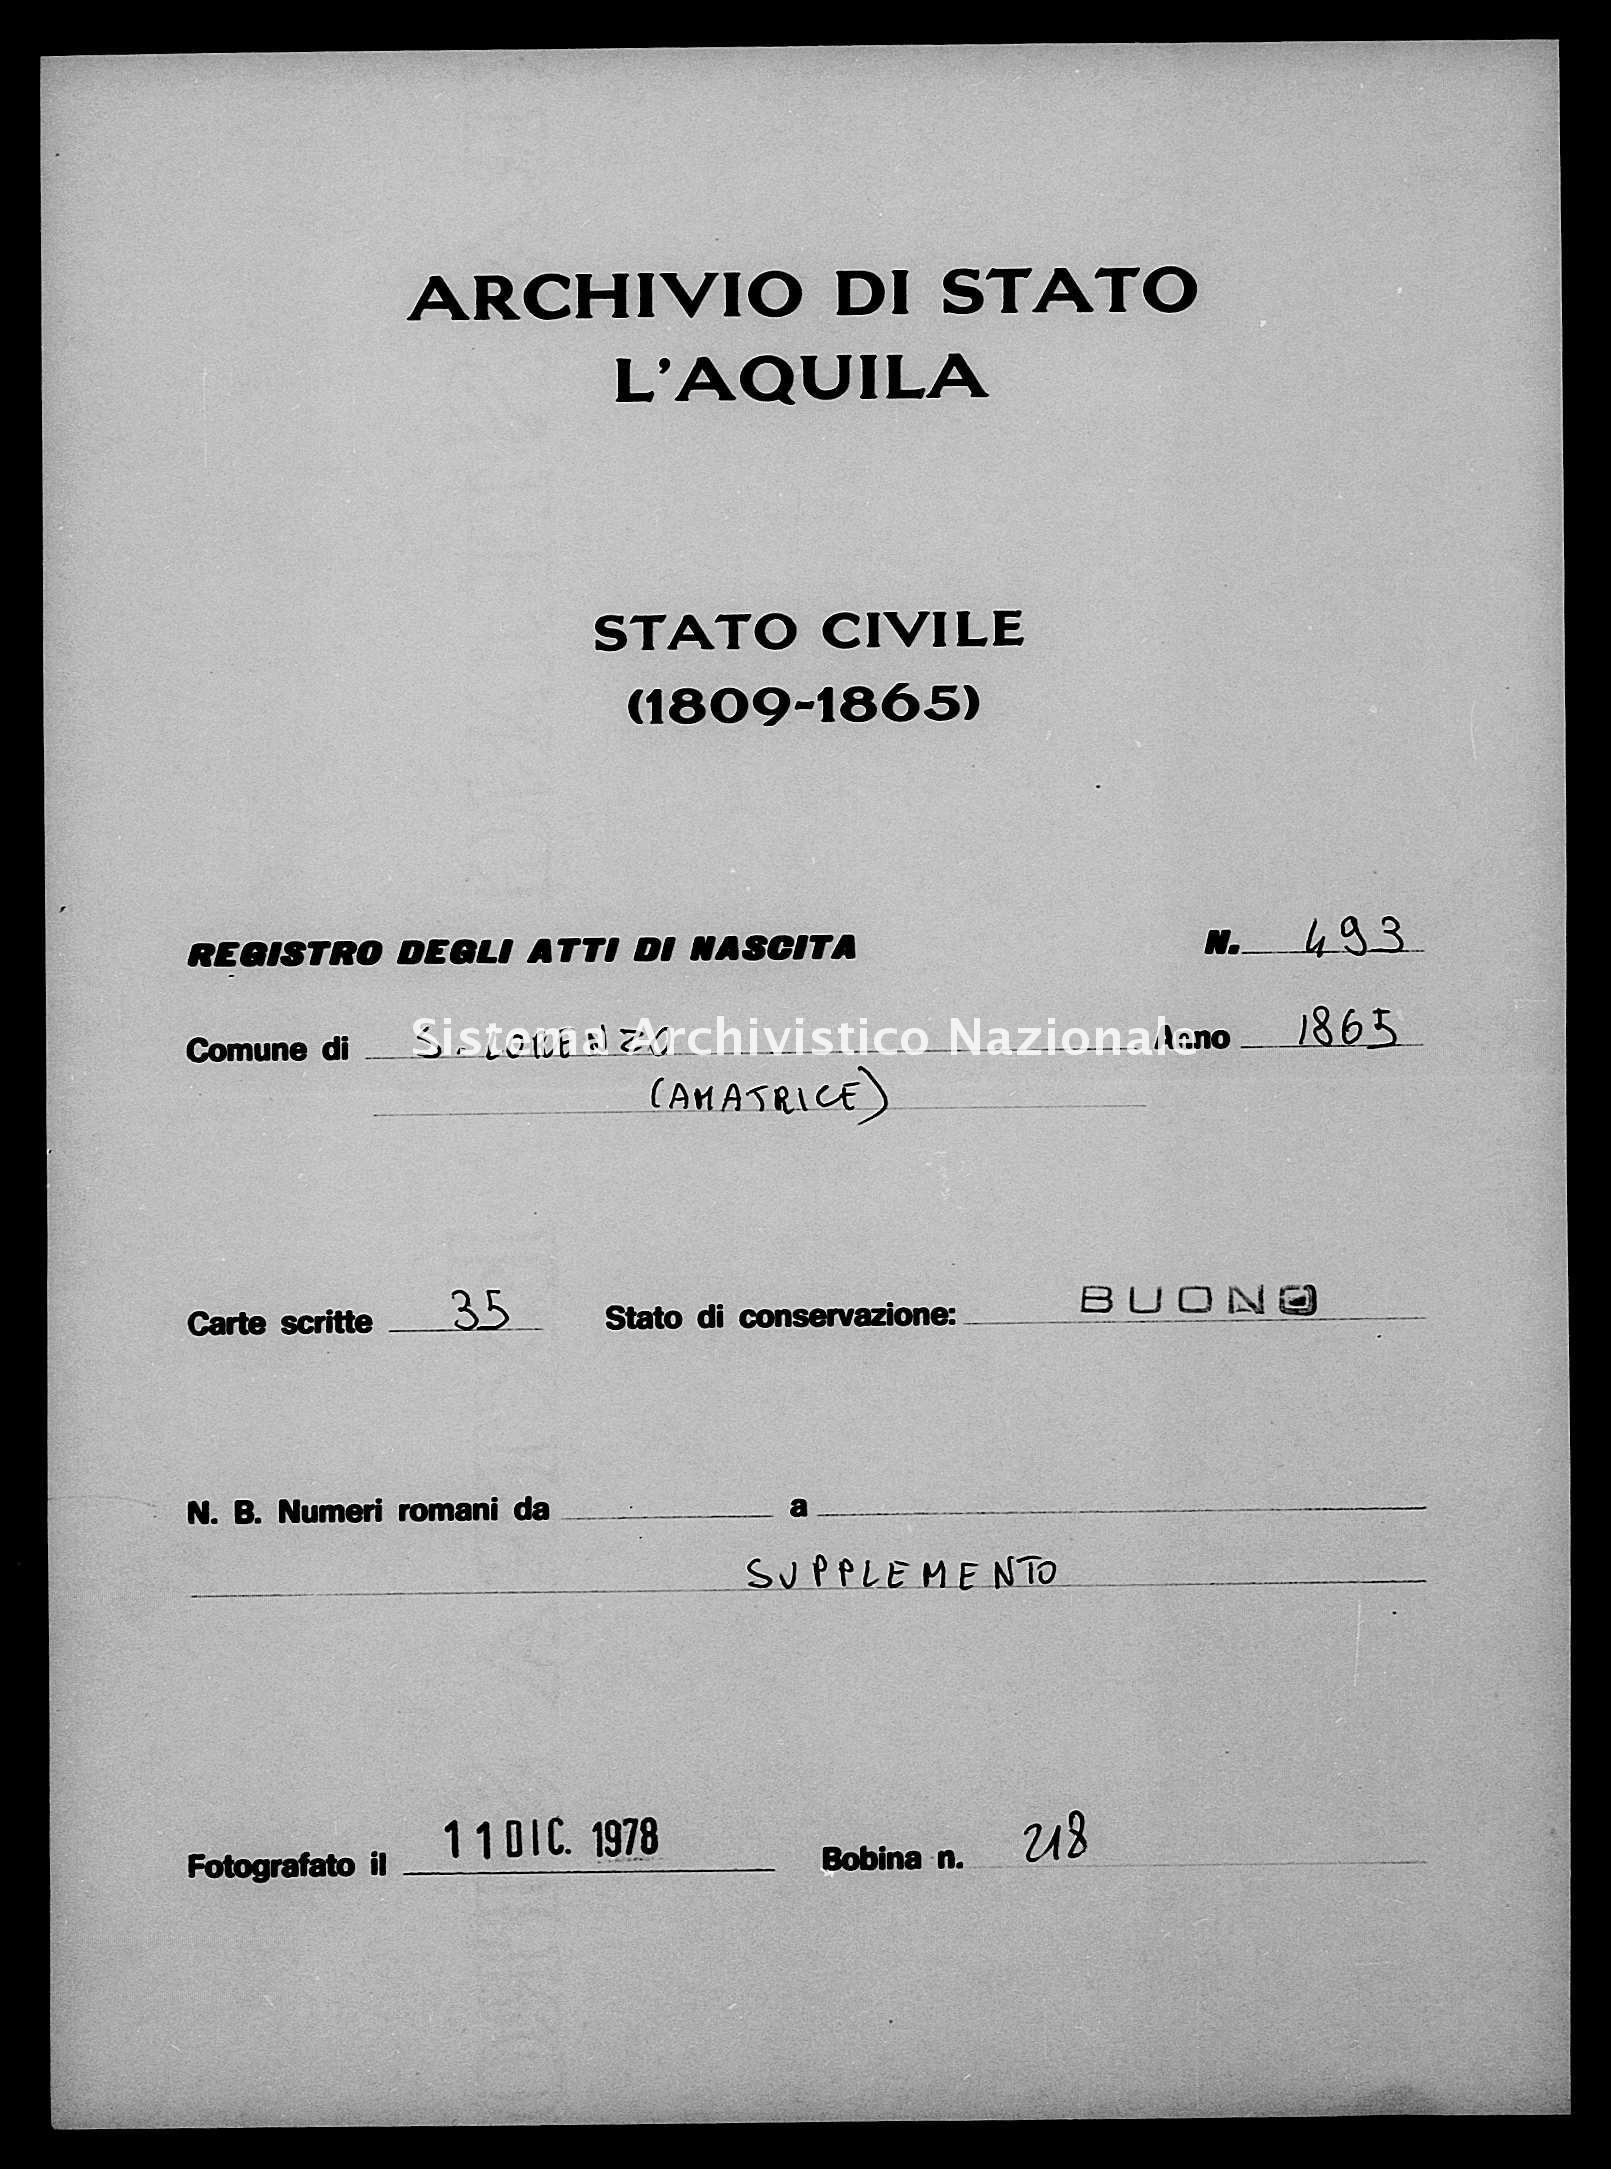 Archivio di stato di L'aquila - Stato civile italiano - San Lorenzo - Nati, battesimi - 1865 - 493 -